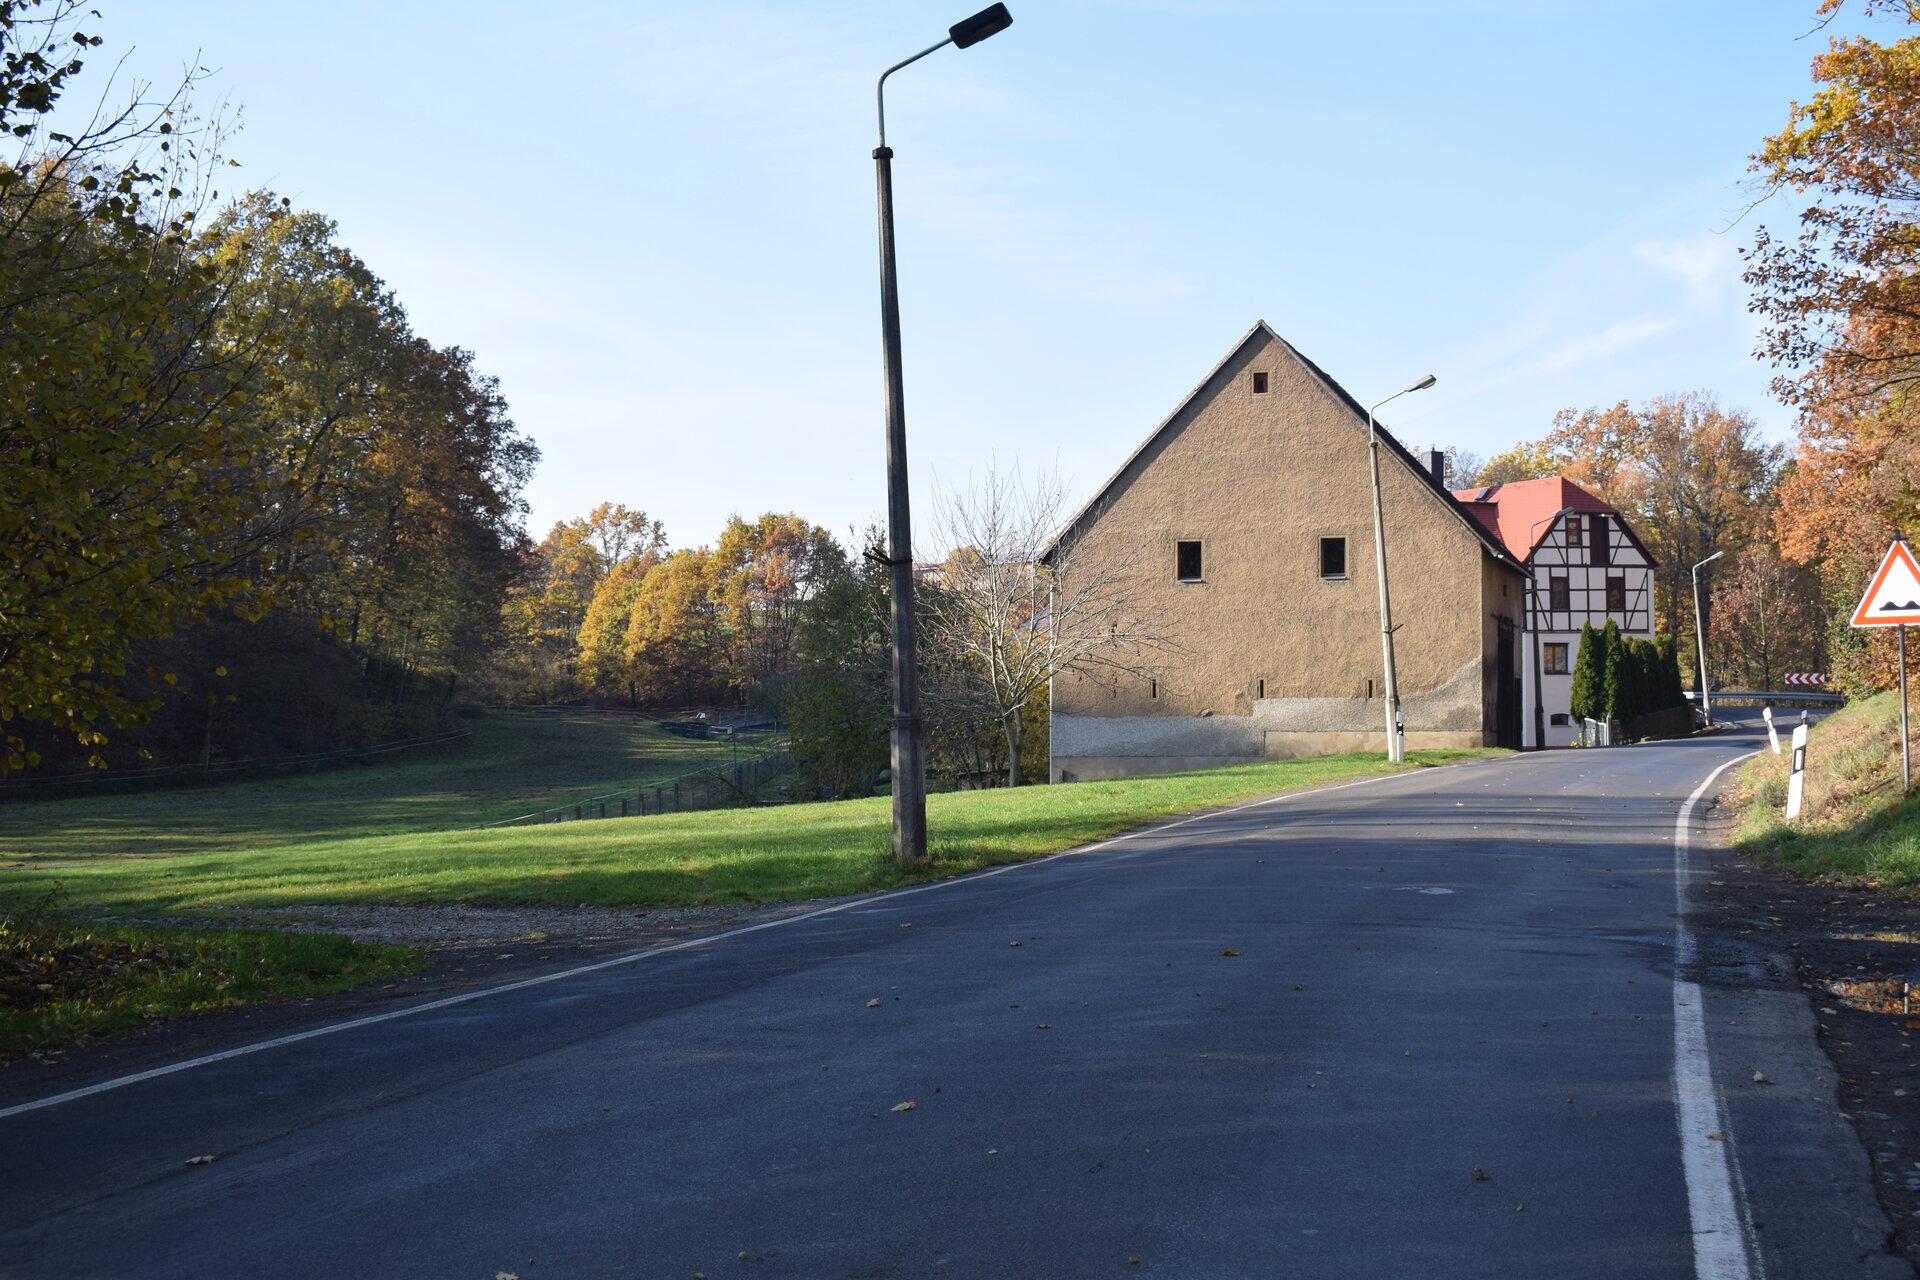 Richtung Hohnbach am Teichha